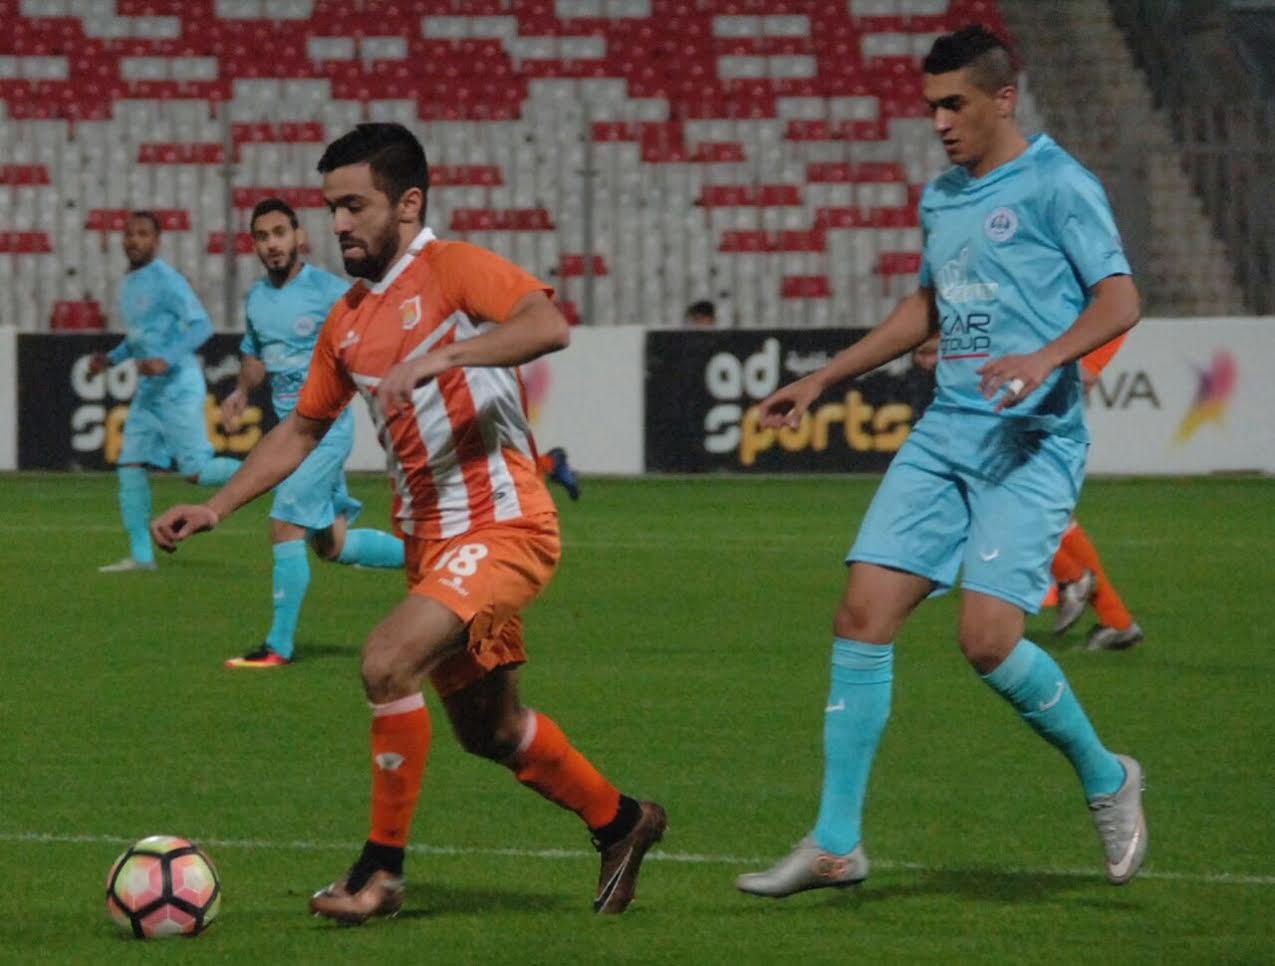 Samuel lifts Al Hala past Riffa